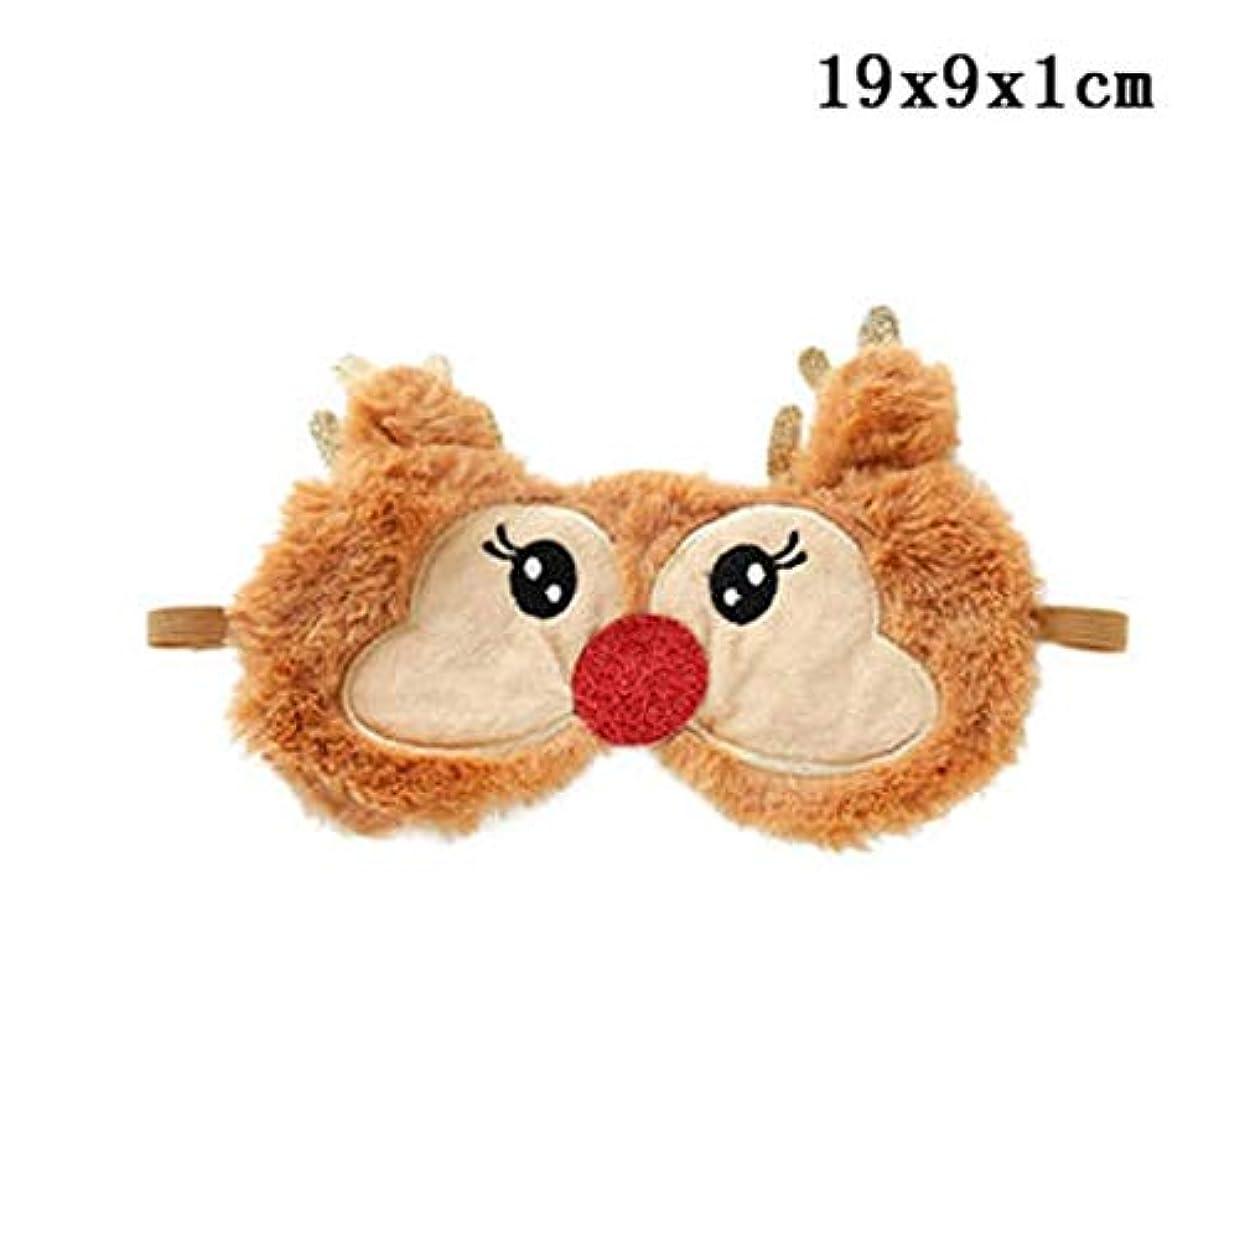 精査するパブアルコールNOTE かわいいアイスクリームユニコーンソフトスリーピングアイカバーマスククリスマス鹿かわいい動物ぬいぐるみ生地用ホーム旅行